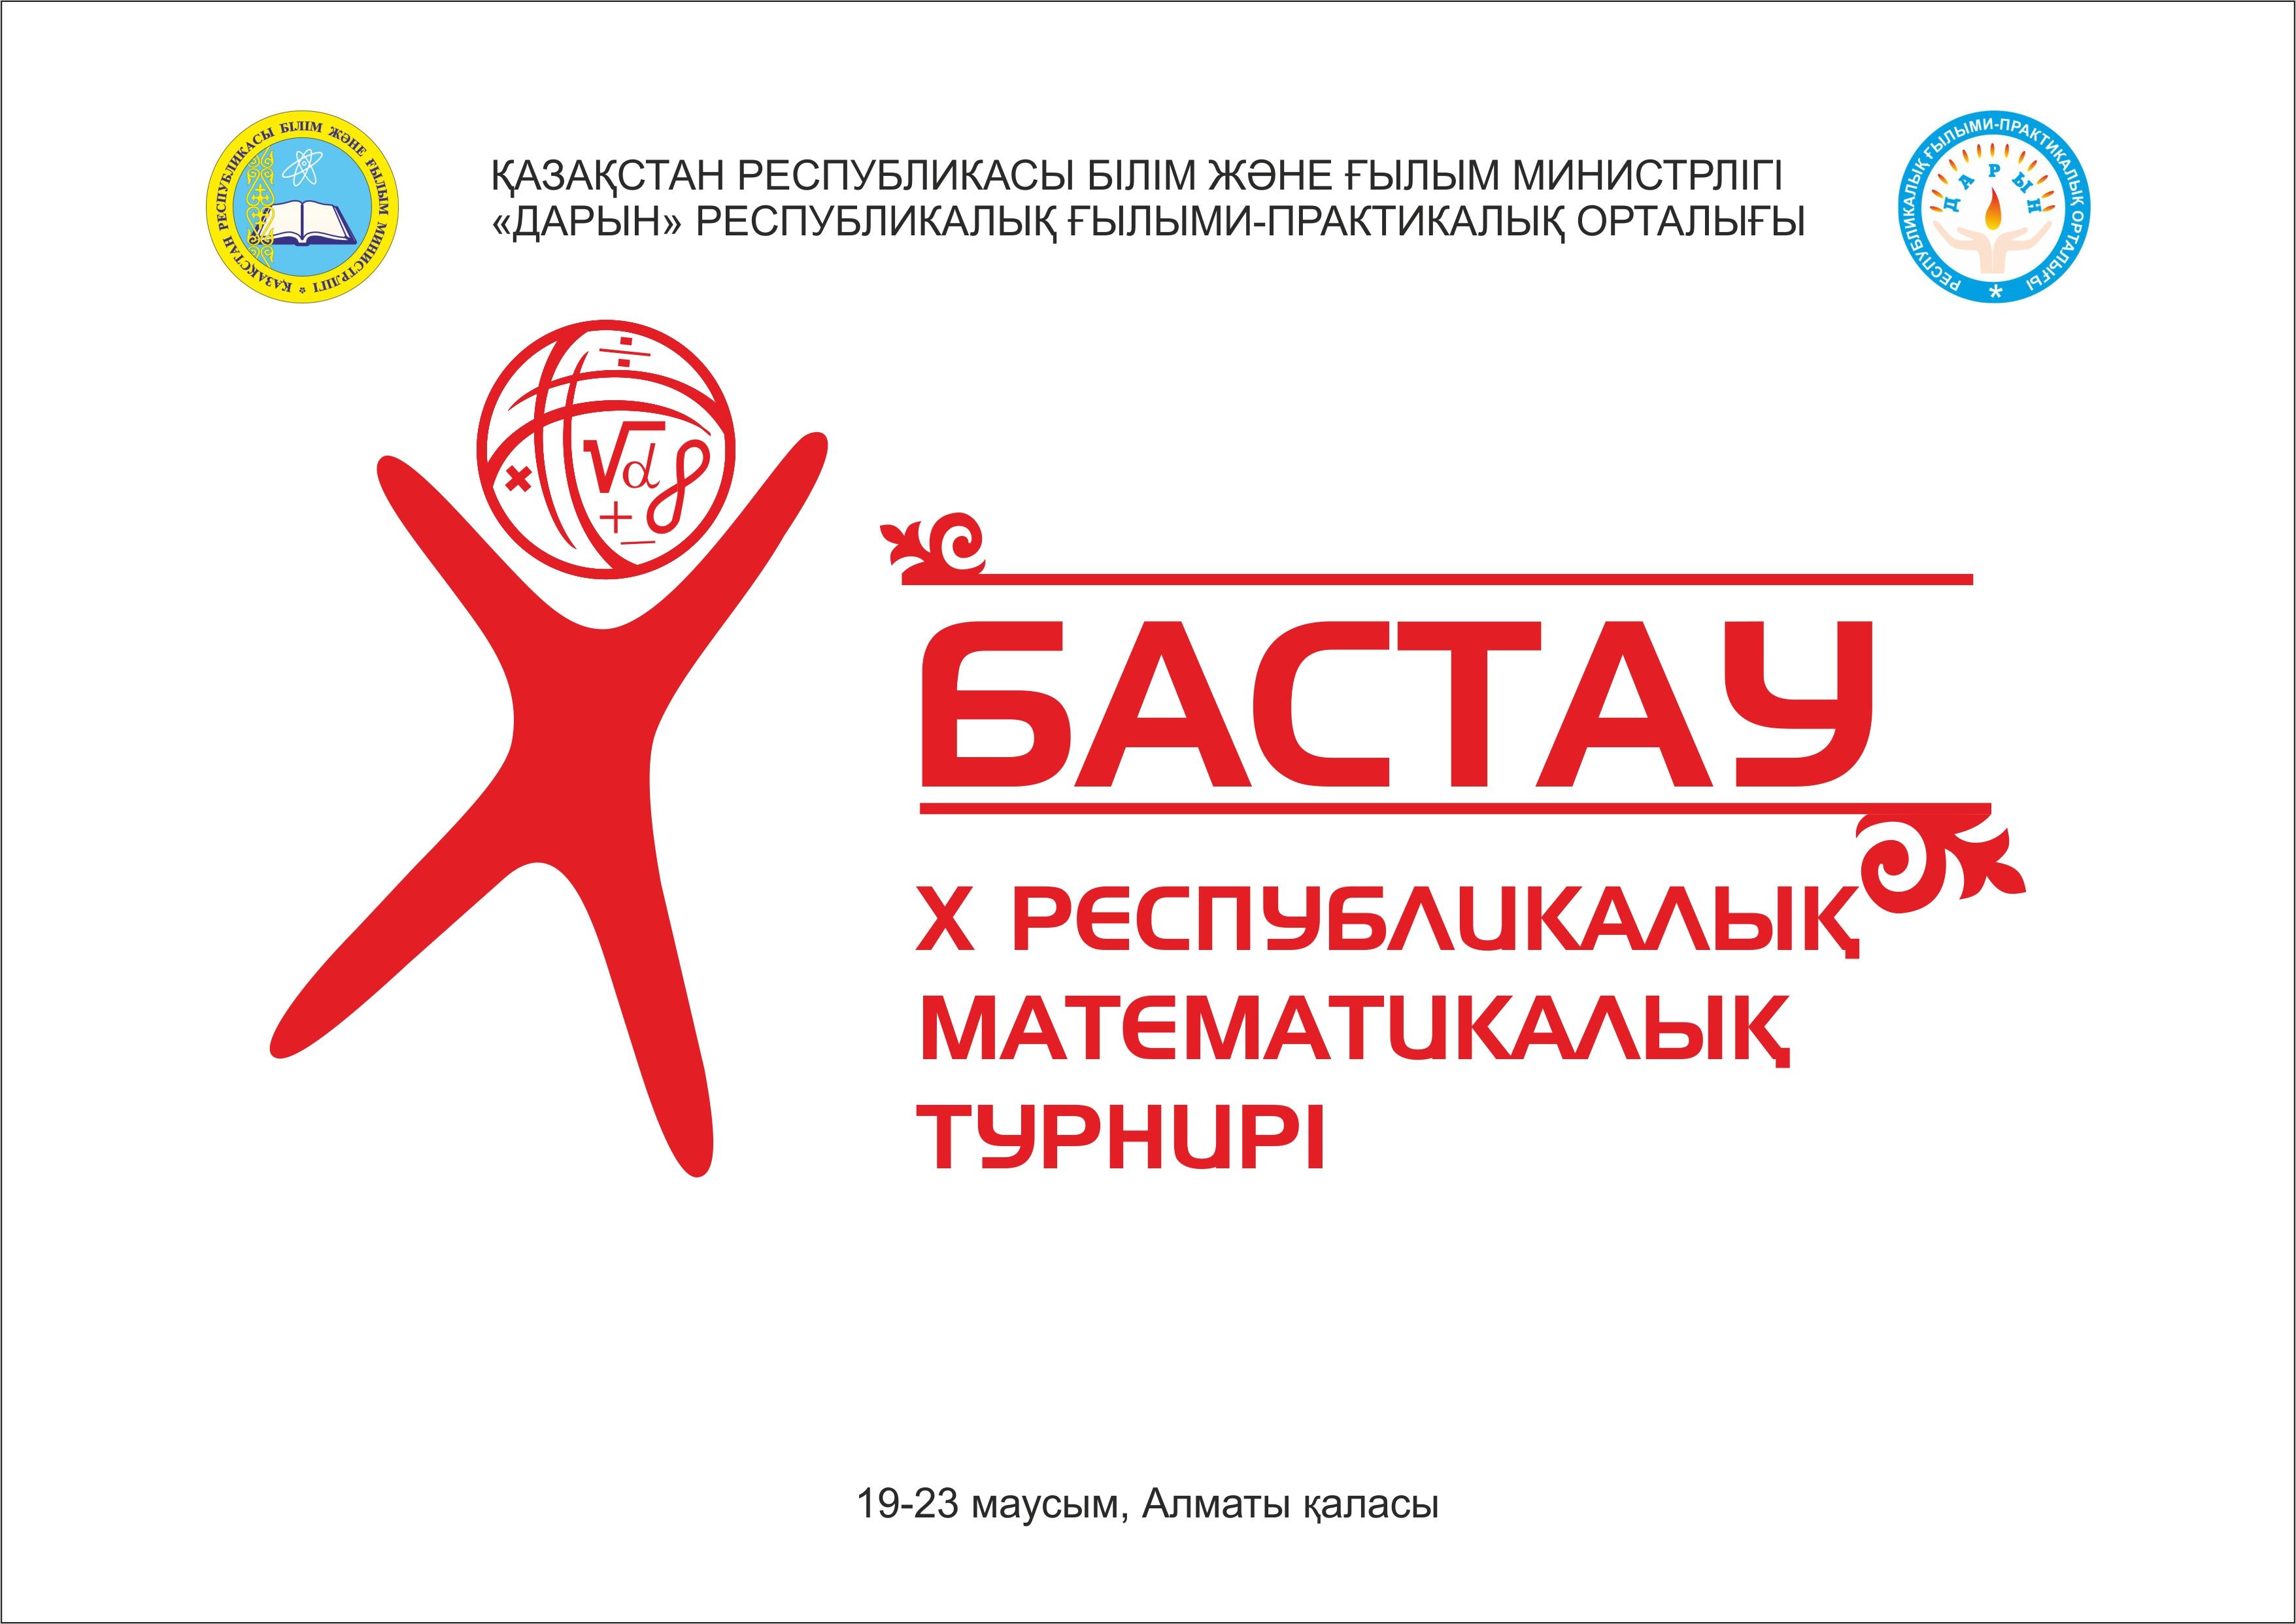 ПРОГРАММА  проведения X республиканского математического турнира  учащихся начальных классов «Бастау»